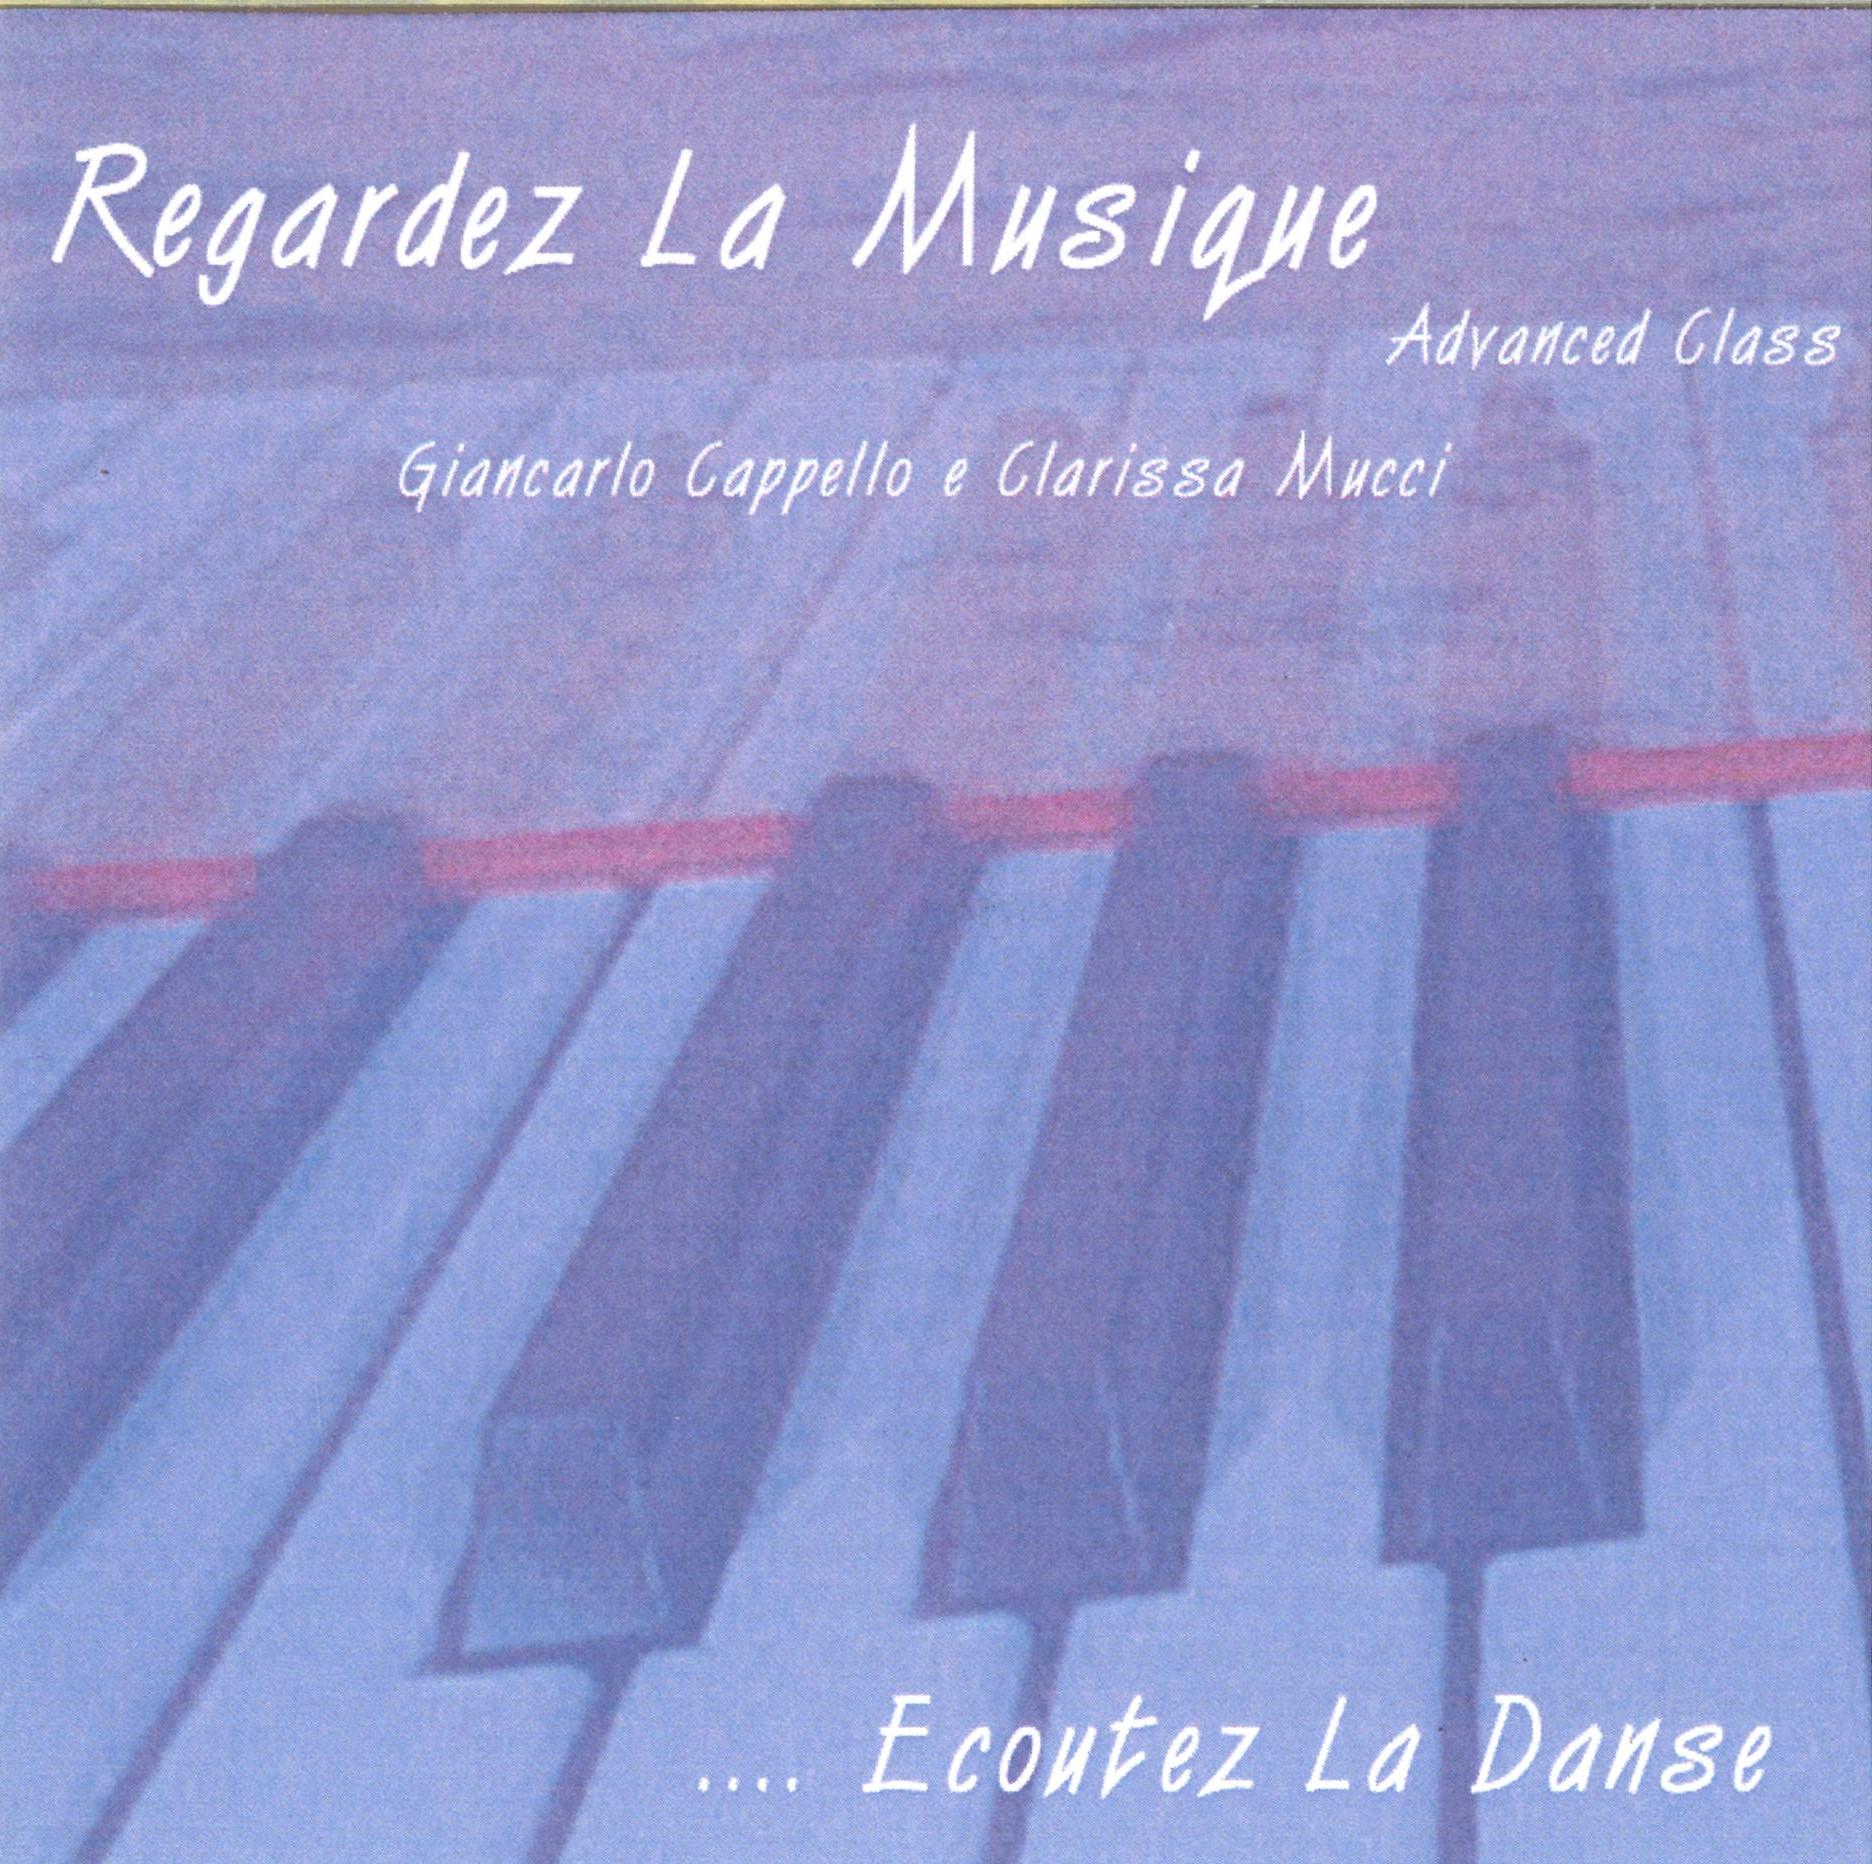 CD Regardez La Musique - Advanced (GC06)